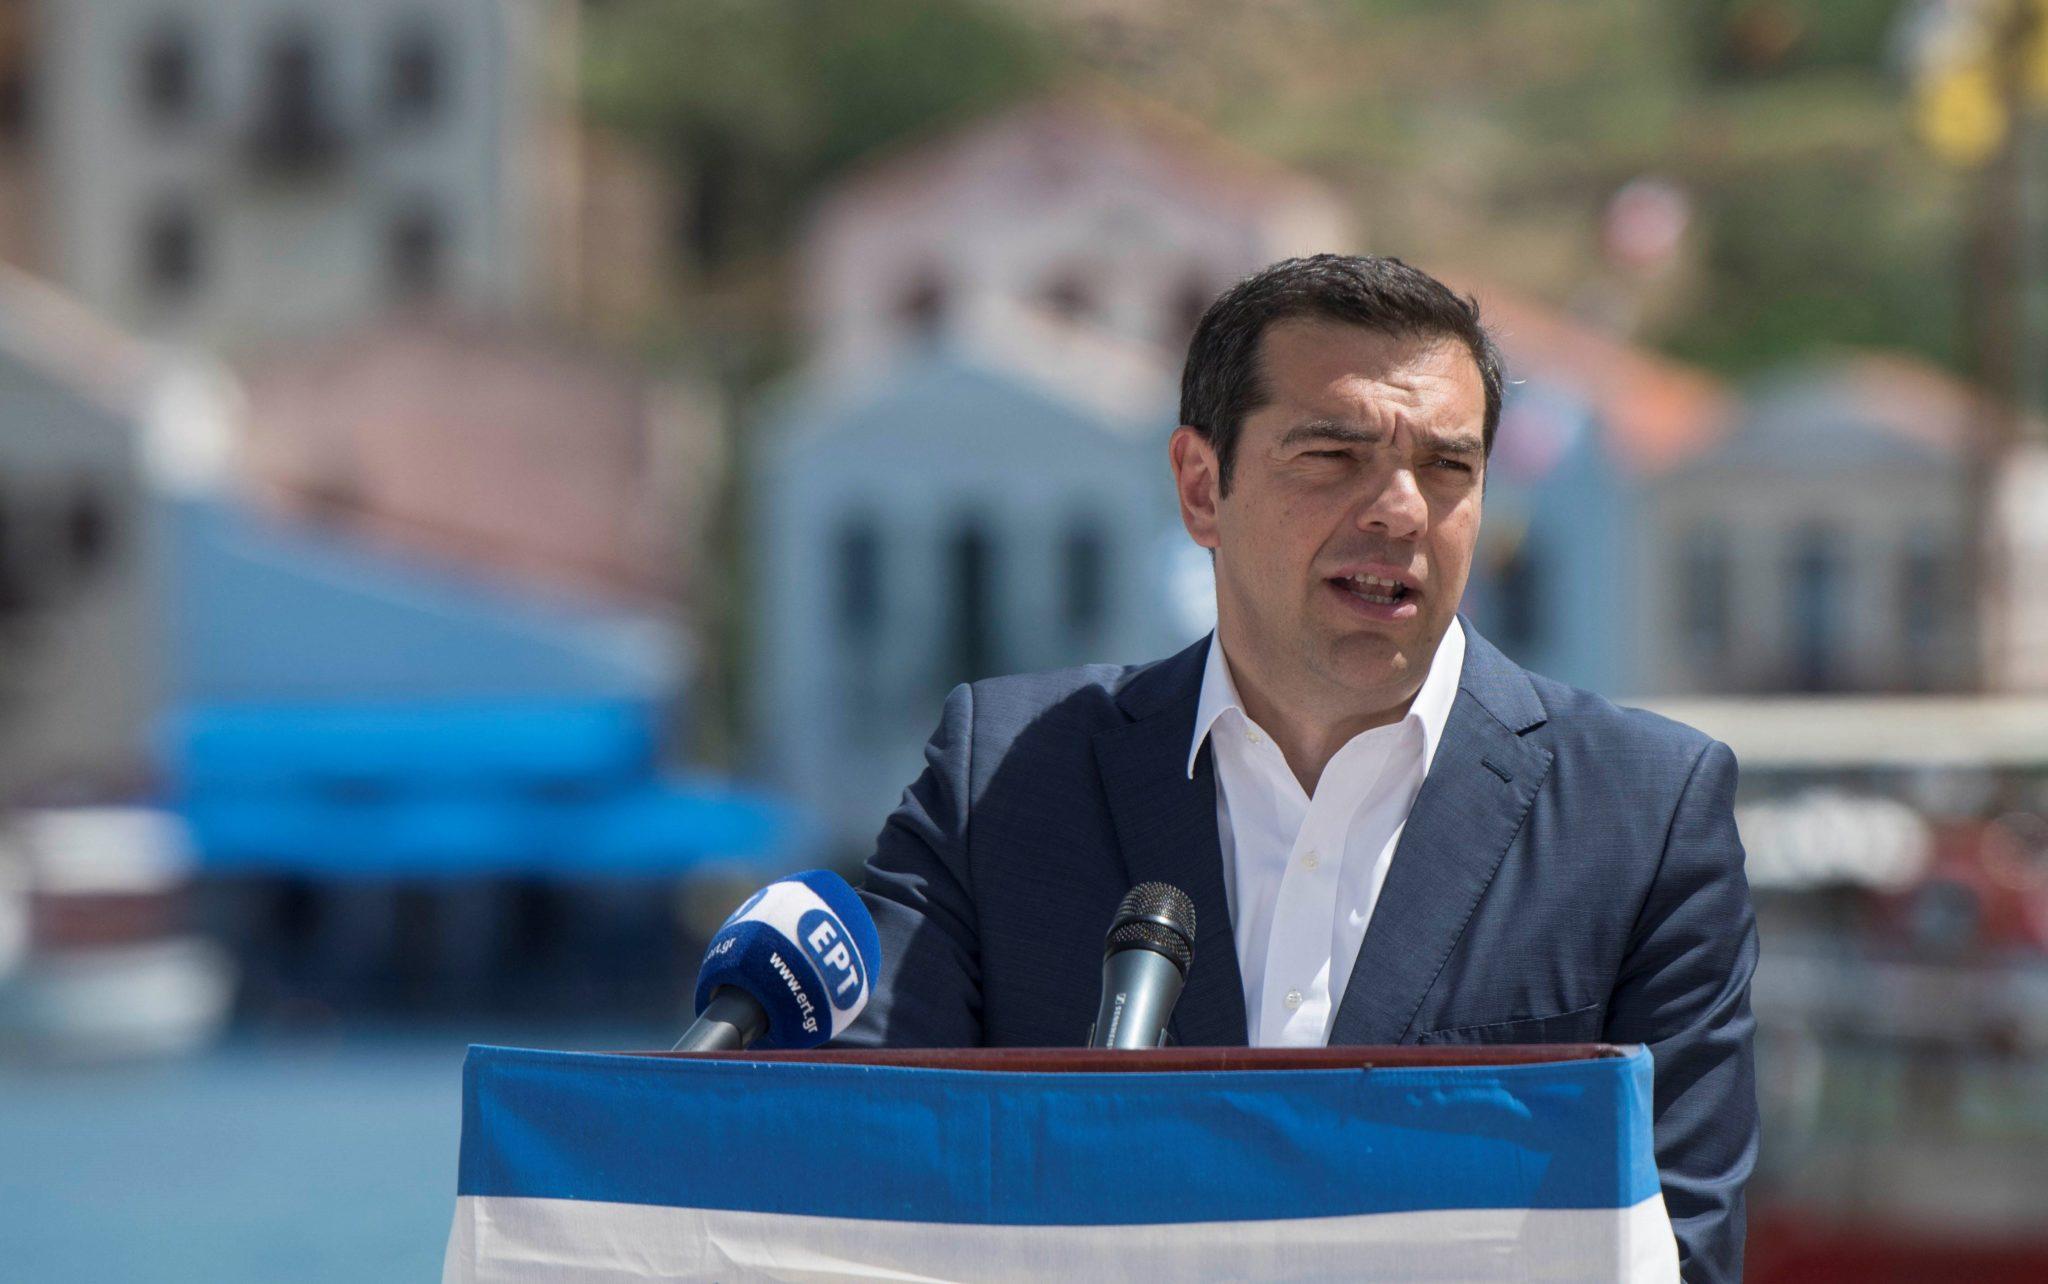 Ψαράς σε νησί – αποβατικό στόχο των Τούρκων εκφράζει στον πρωθυπουργό την ανησυχία του για το πρωτάθλημα της ΑΕΚ